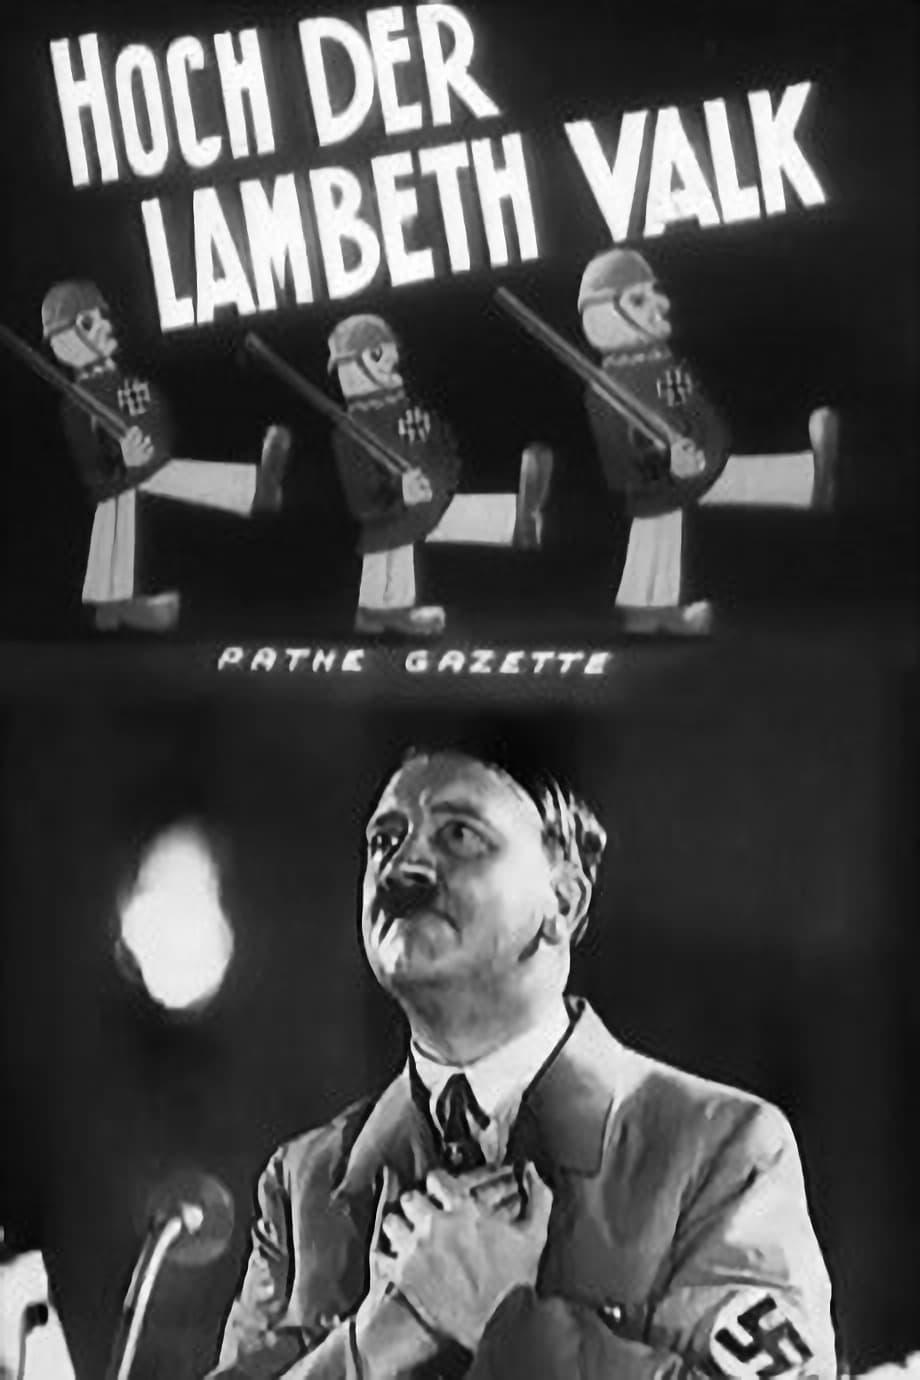 Hoch der Lambeth Valk